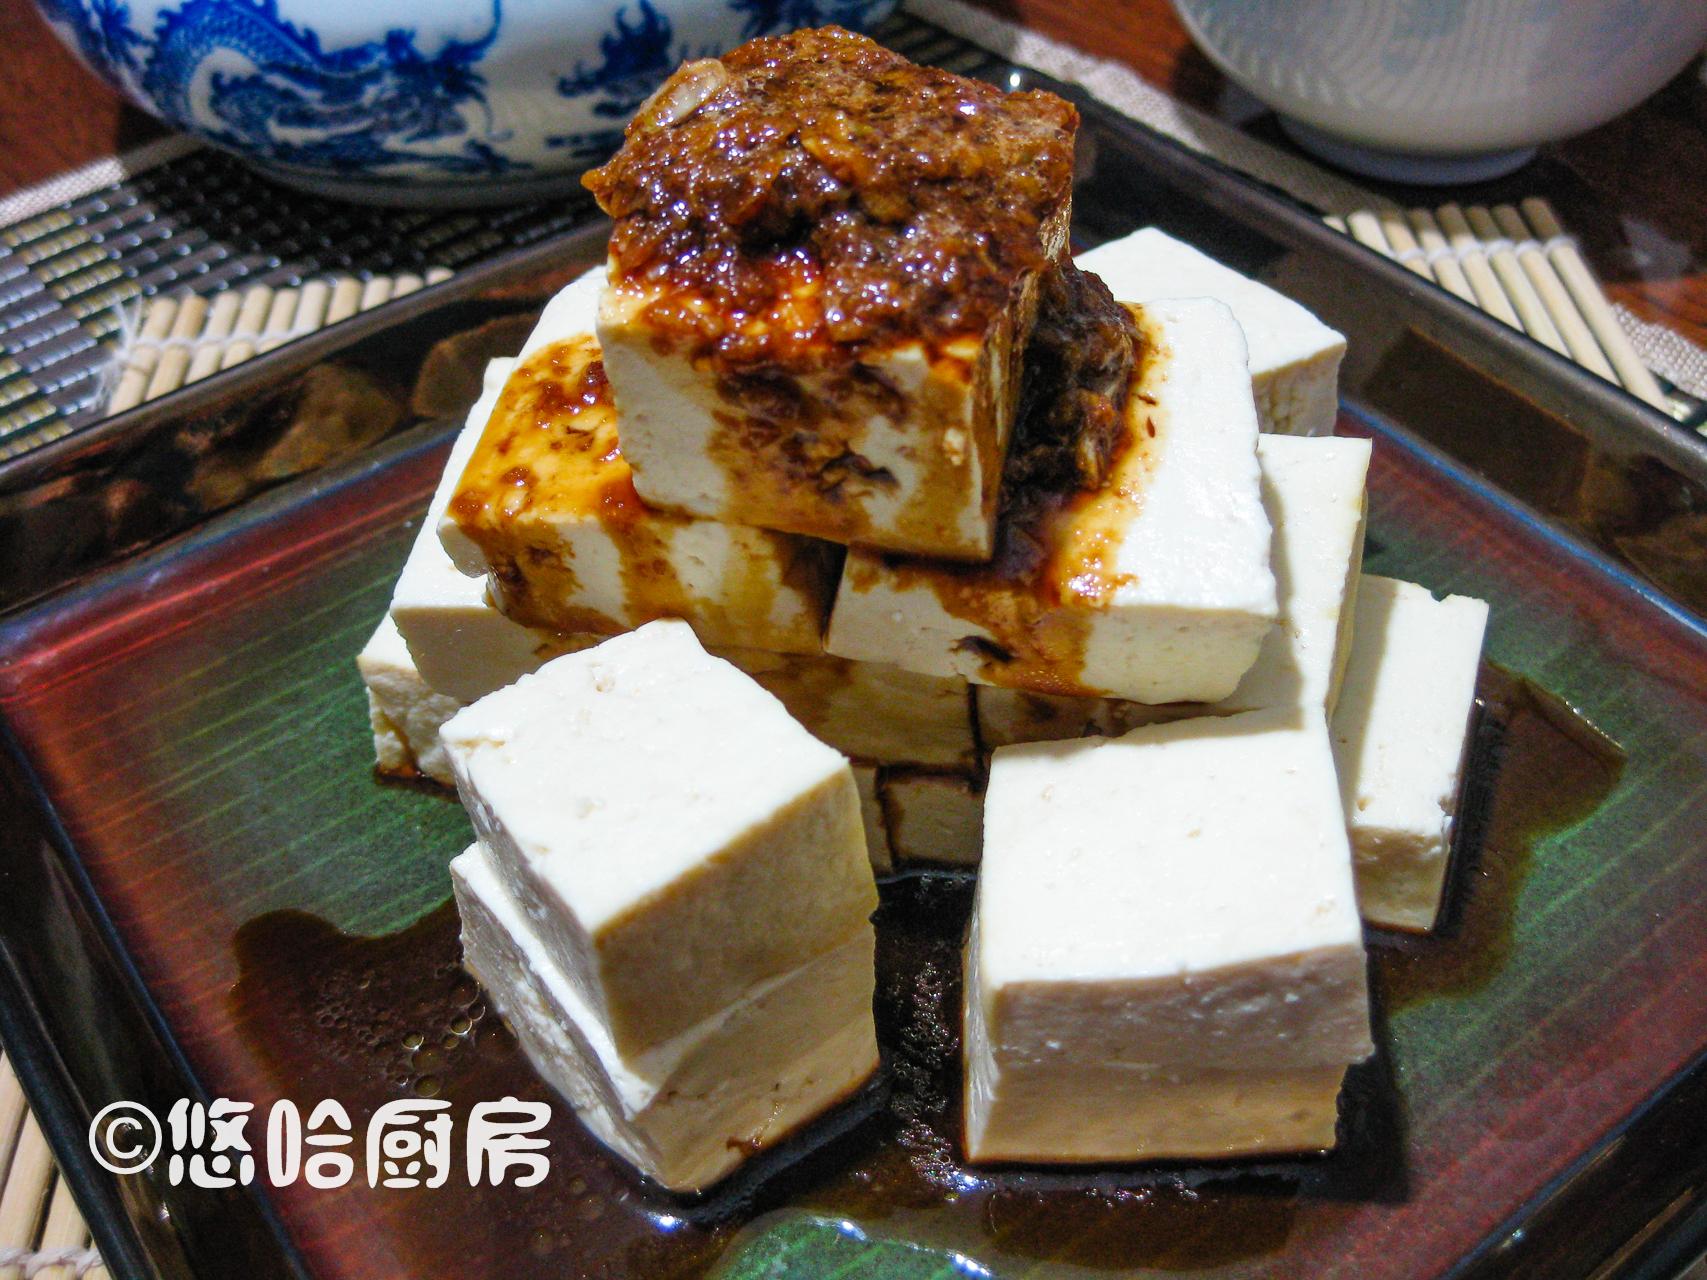 做豆腐最赚钱 硬了豆腐干_豆腐最快手的做法,5分钟都用不了,鲜嫩柔软不油腻,空口吃一 ...